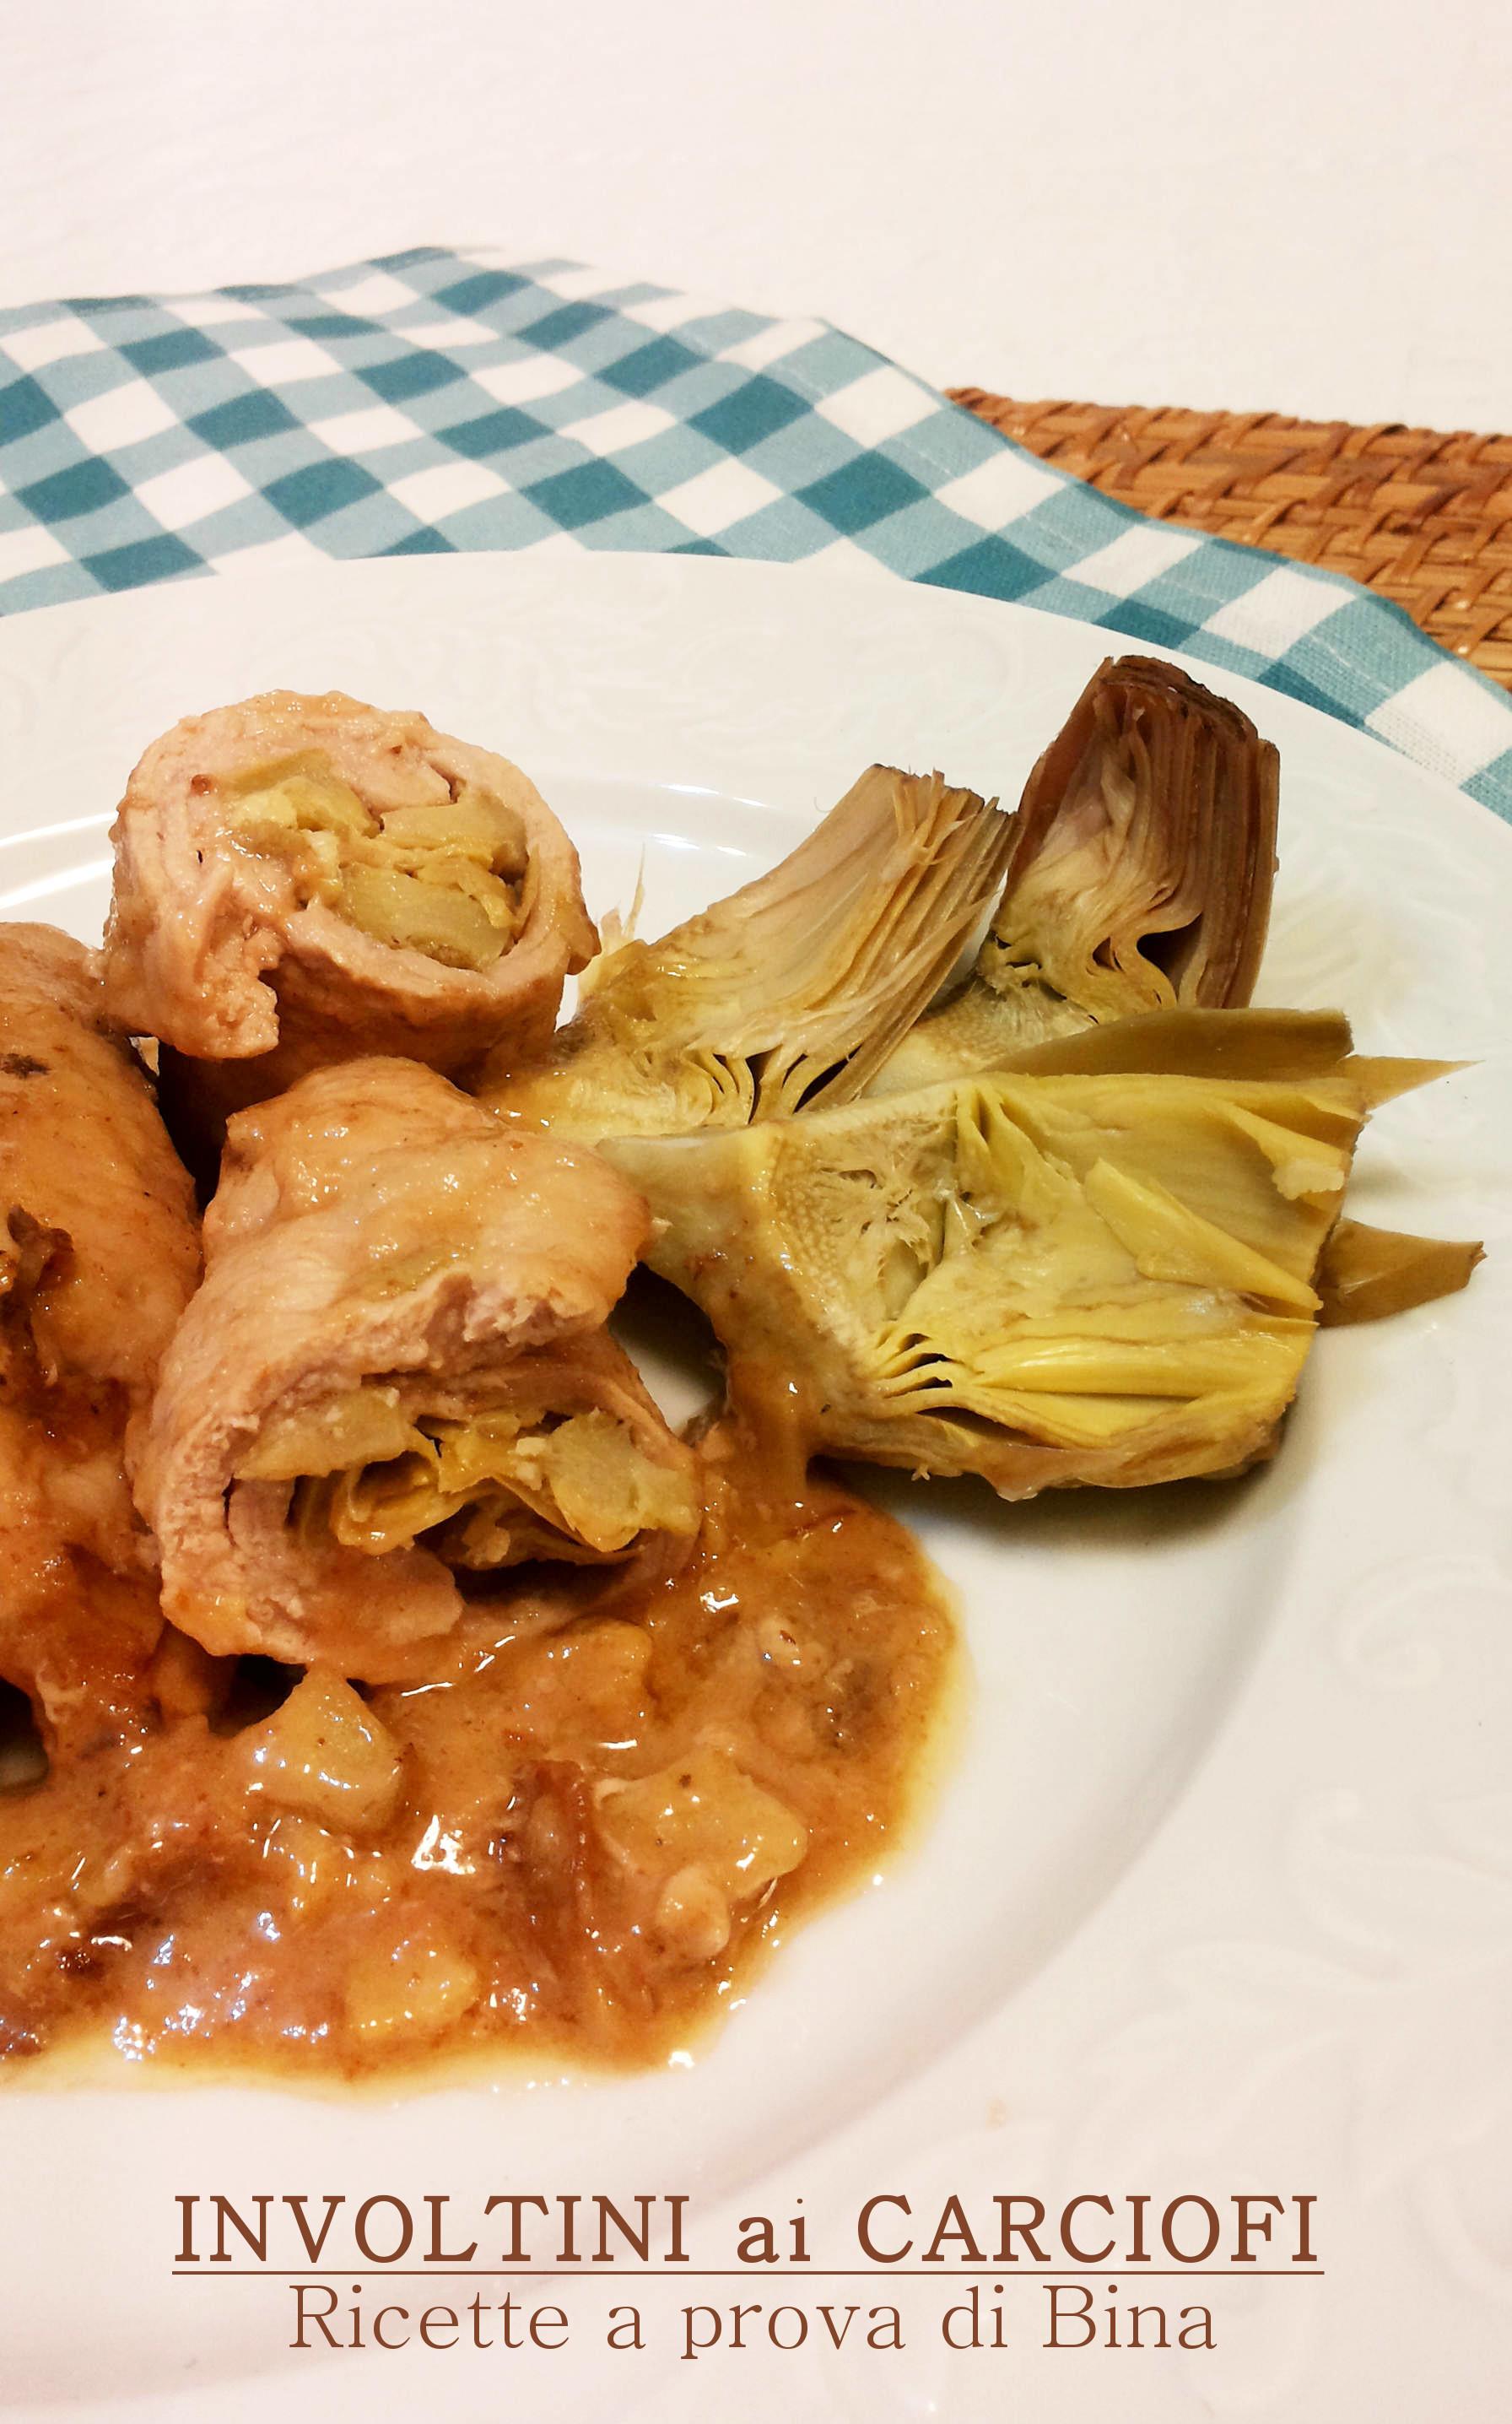 Involtini ai carciofi ricette a prova di bina for Ricette con carciofi